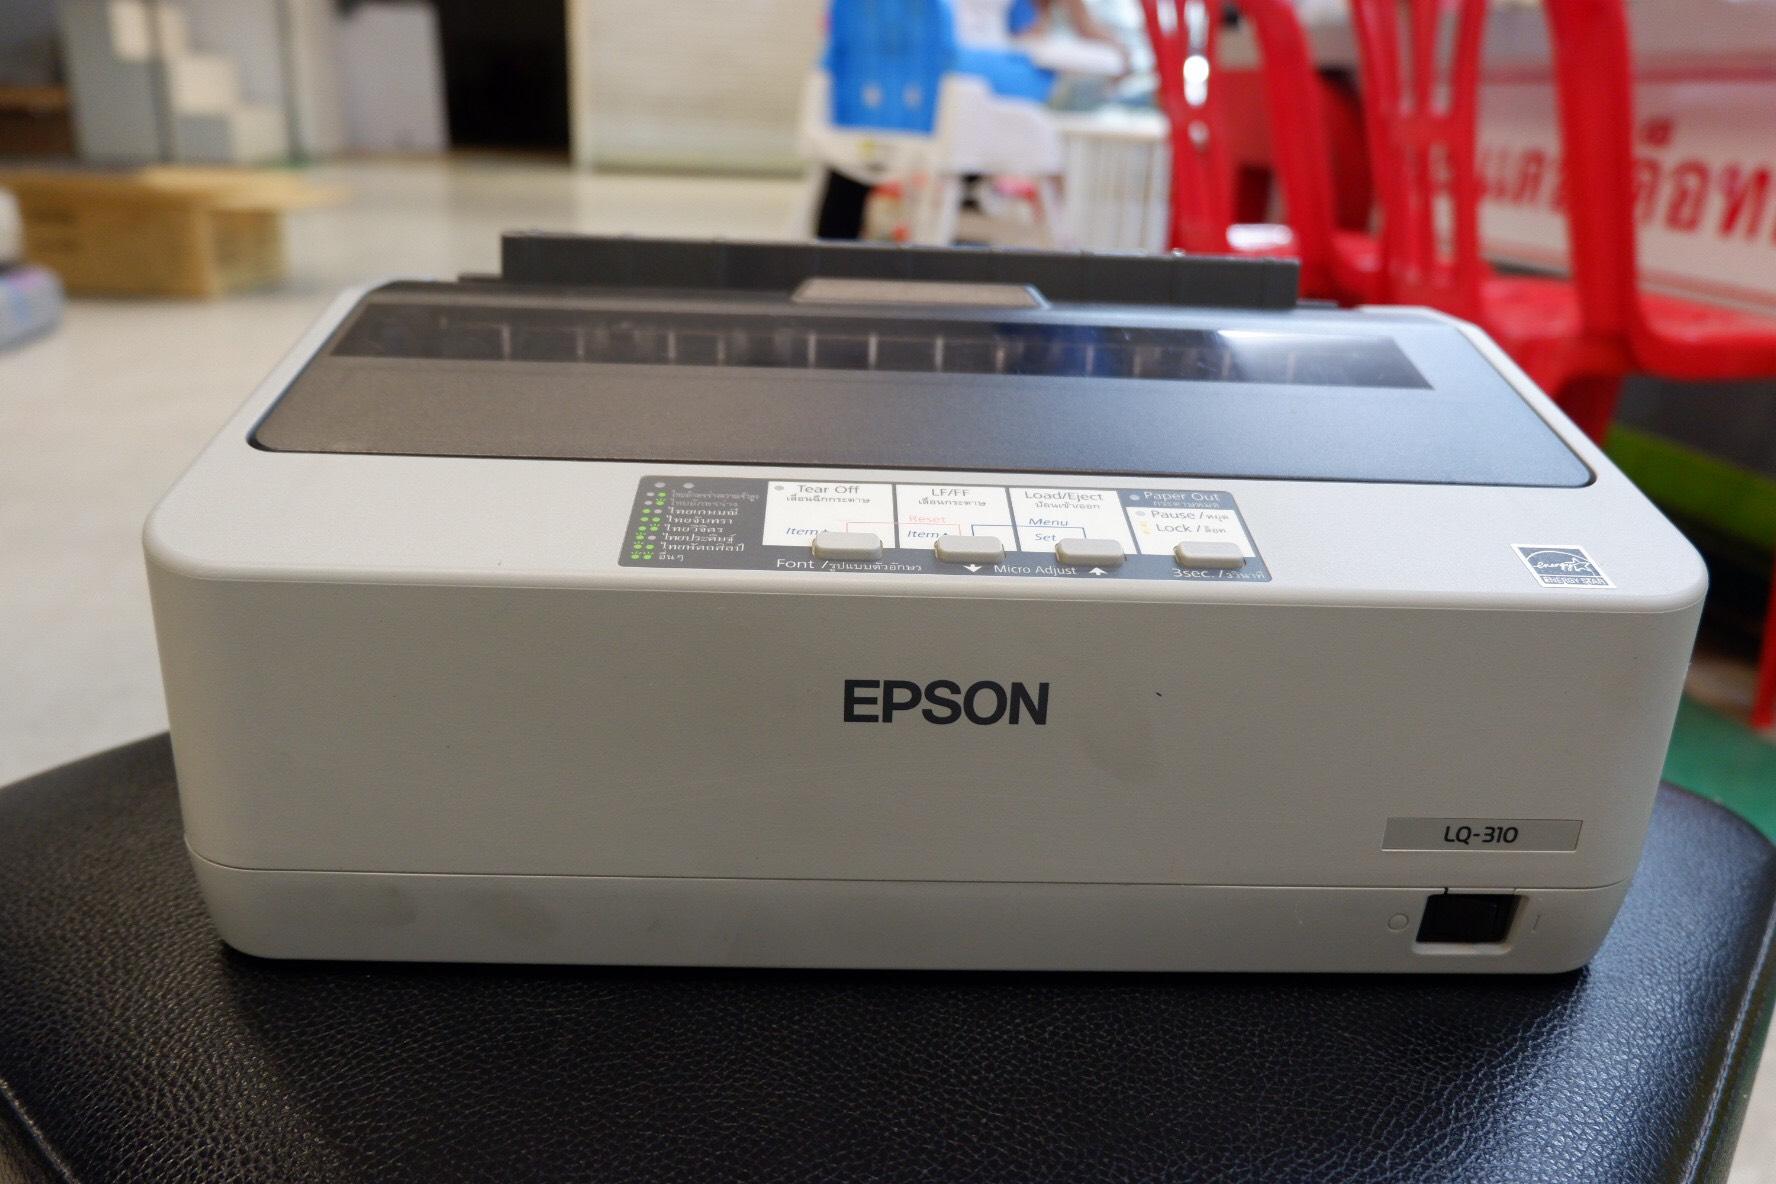 Epson Lq 310 Printer Dot Matrix Referensi Daftar Harga Terbaru Lx 1